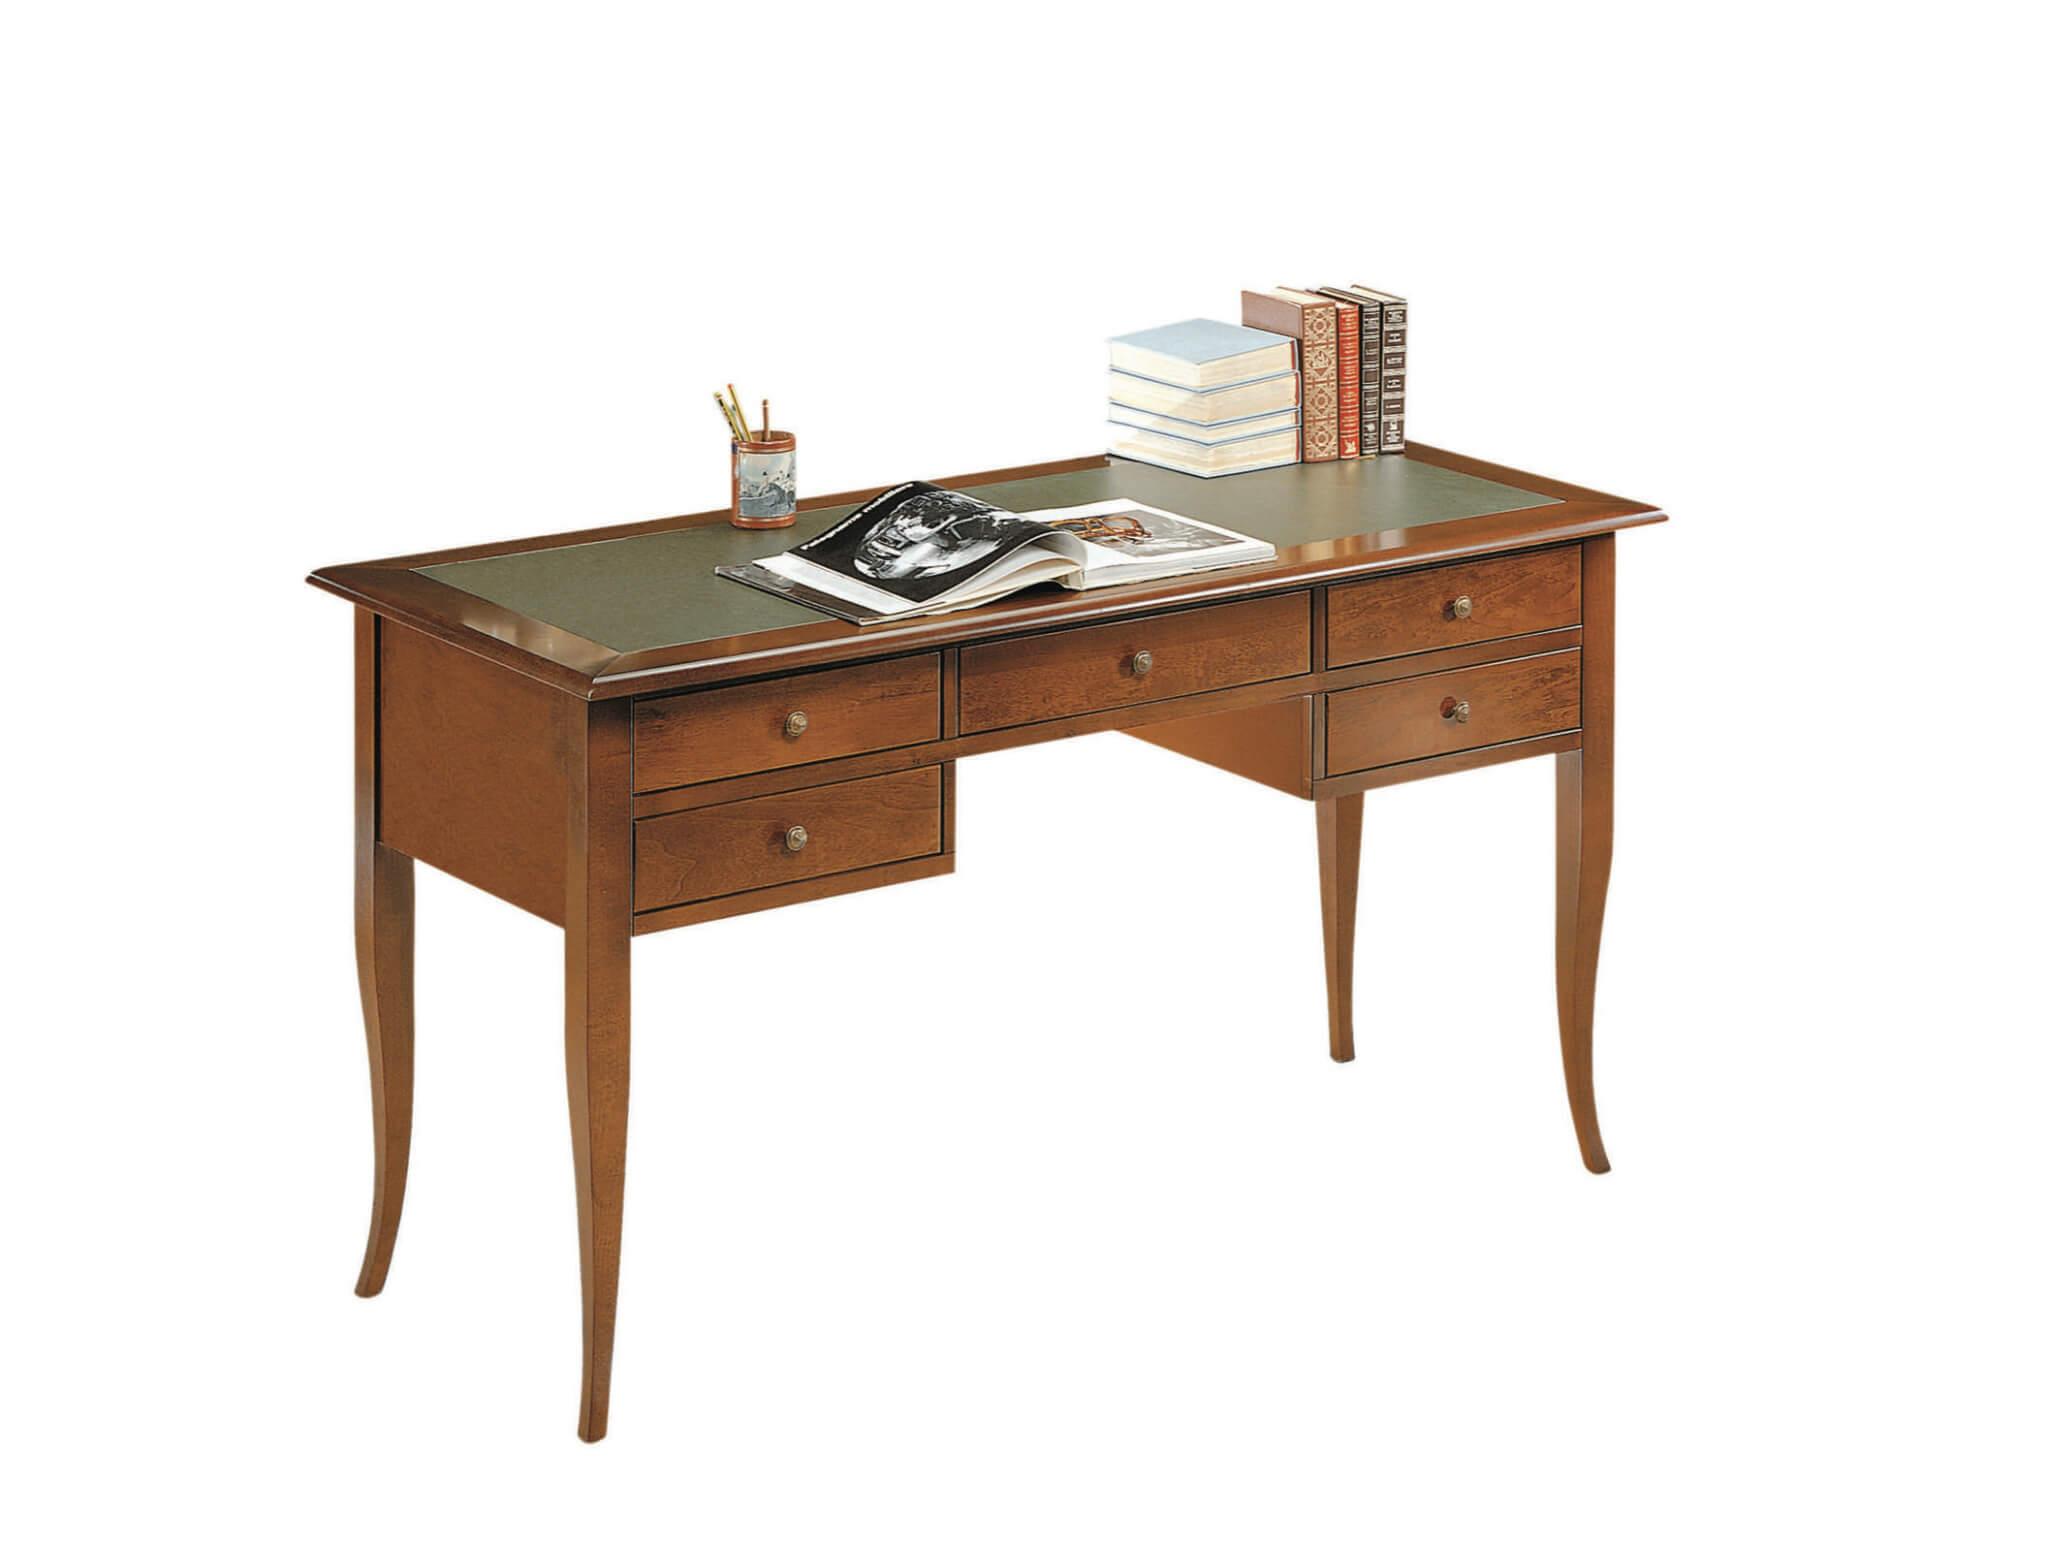 schreibtisch malte ph nix sch ner leben. Black Bedroom Furniture Sets. Home Design Ideas